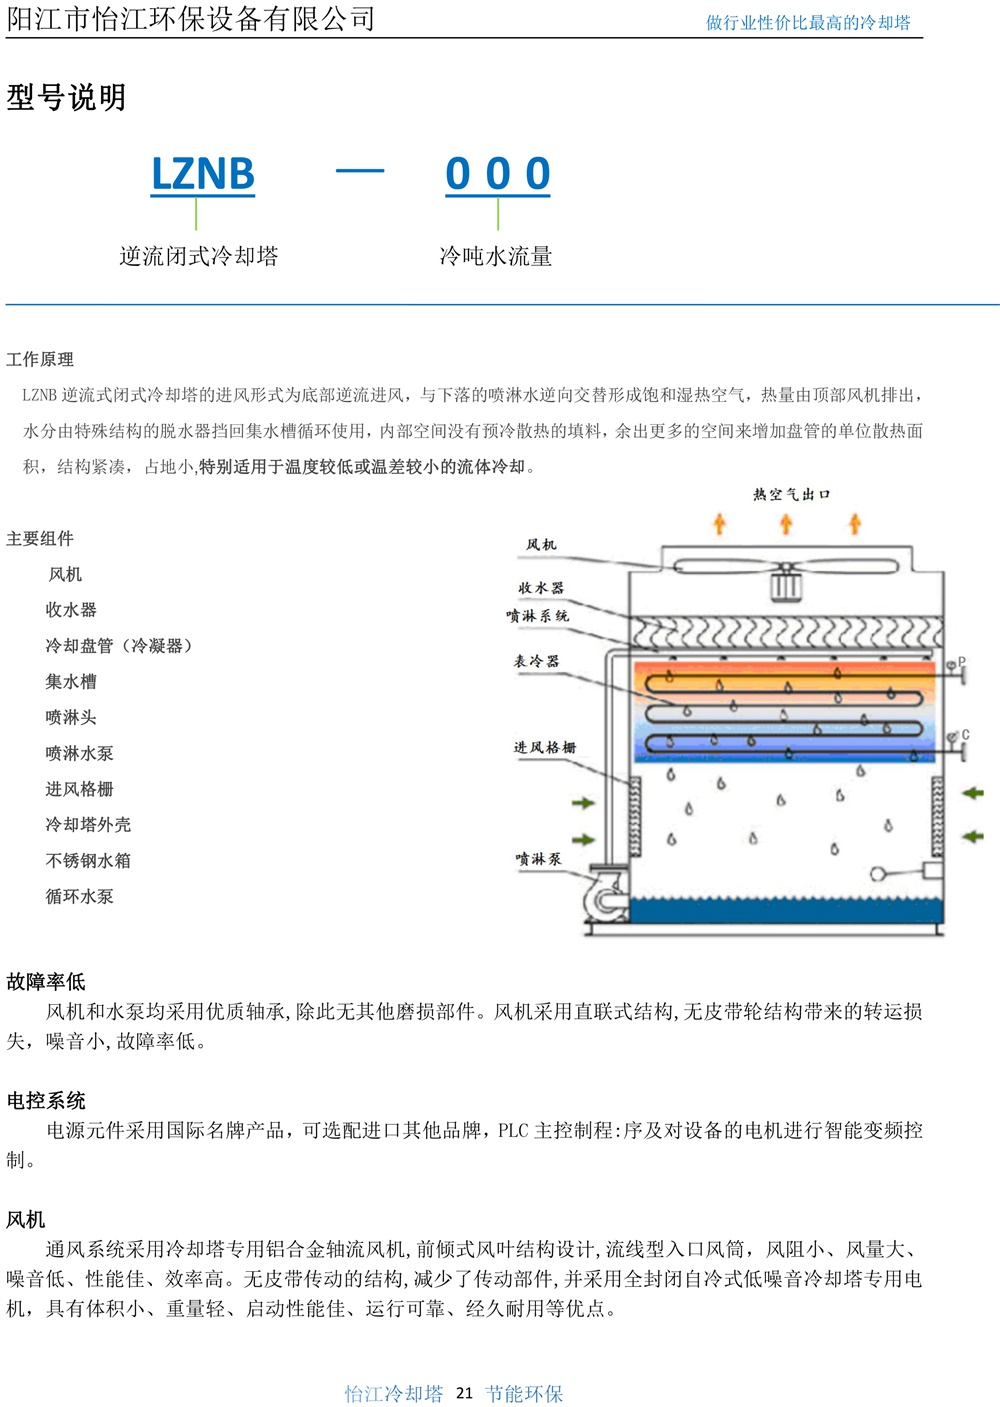 產品手冊(彩頁)3-21.jpg